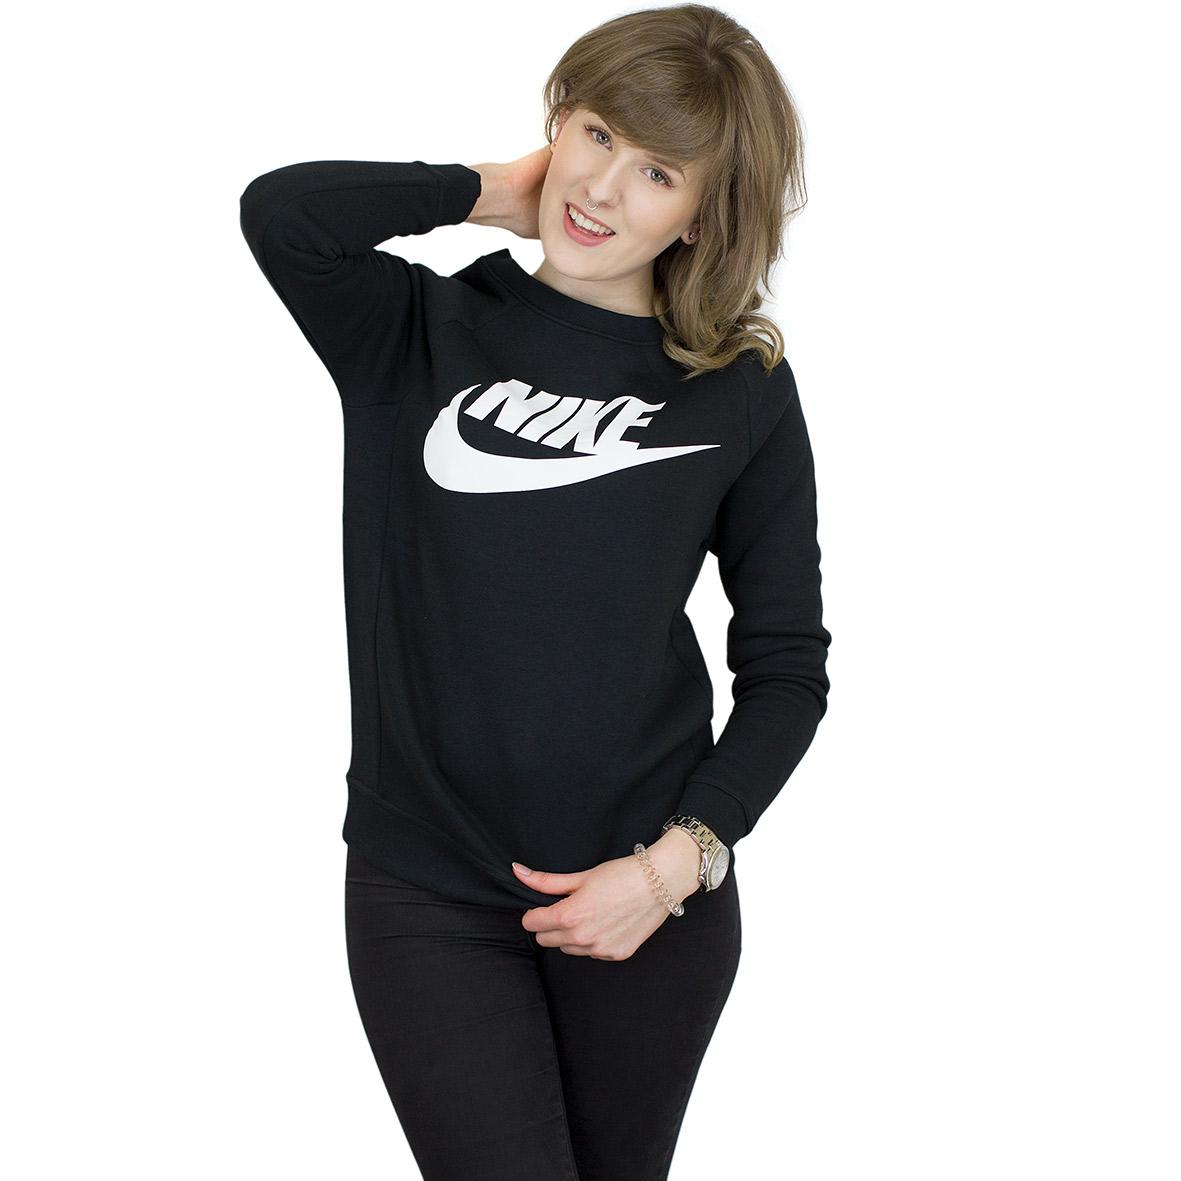 a16ad0f780ca92 ☆ Nike Damen Sweatshirt Rally Crew GX1 schwarz/weiß - hier bestellen!